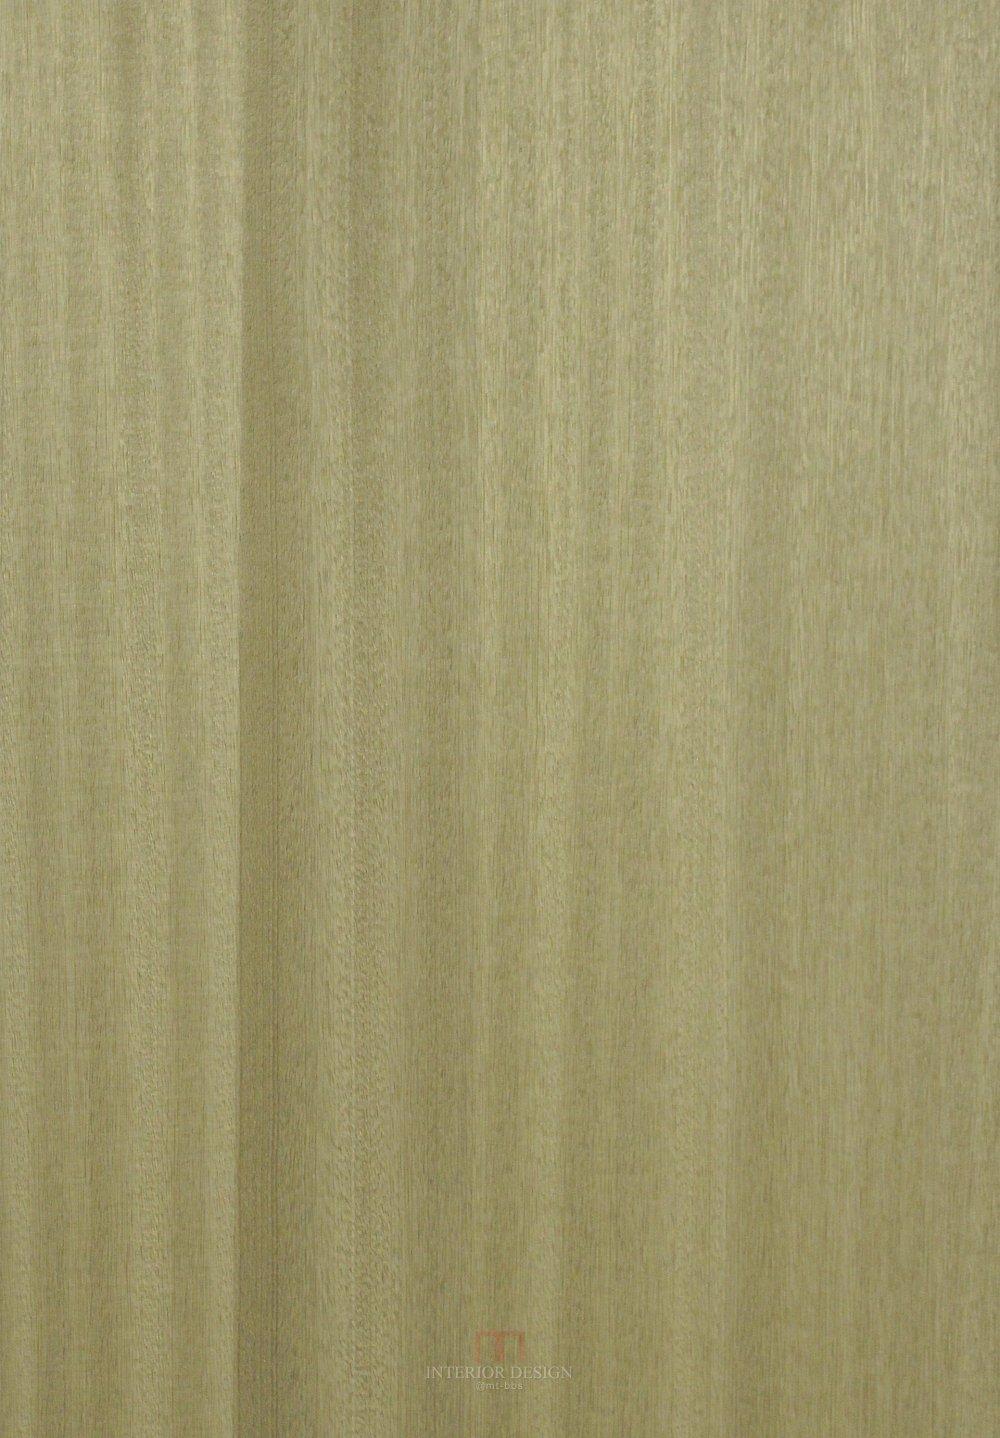 天然木纹_K6125PN_F0603.jpg